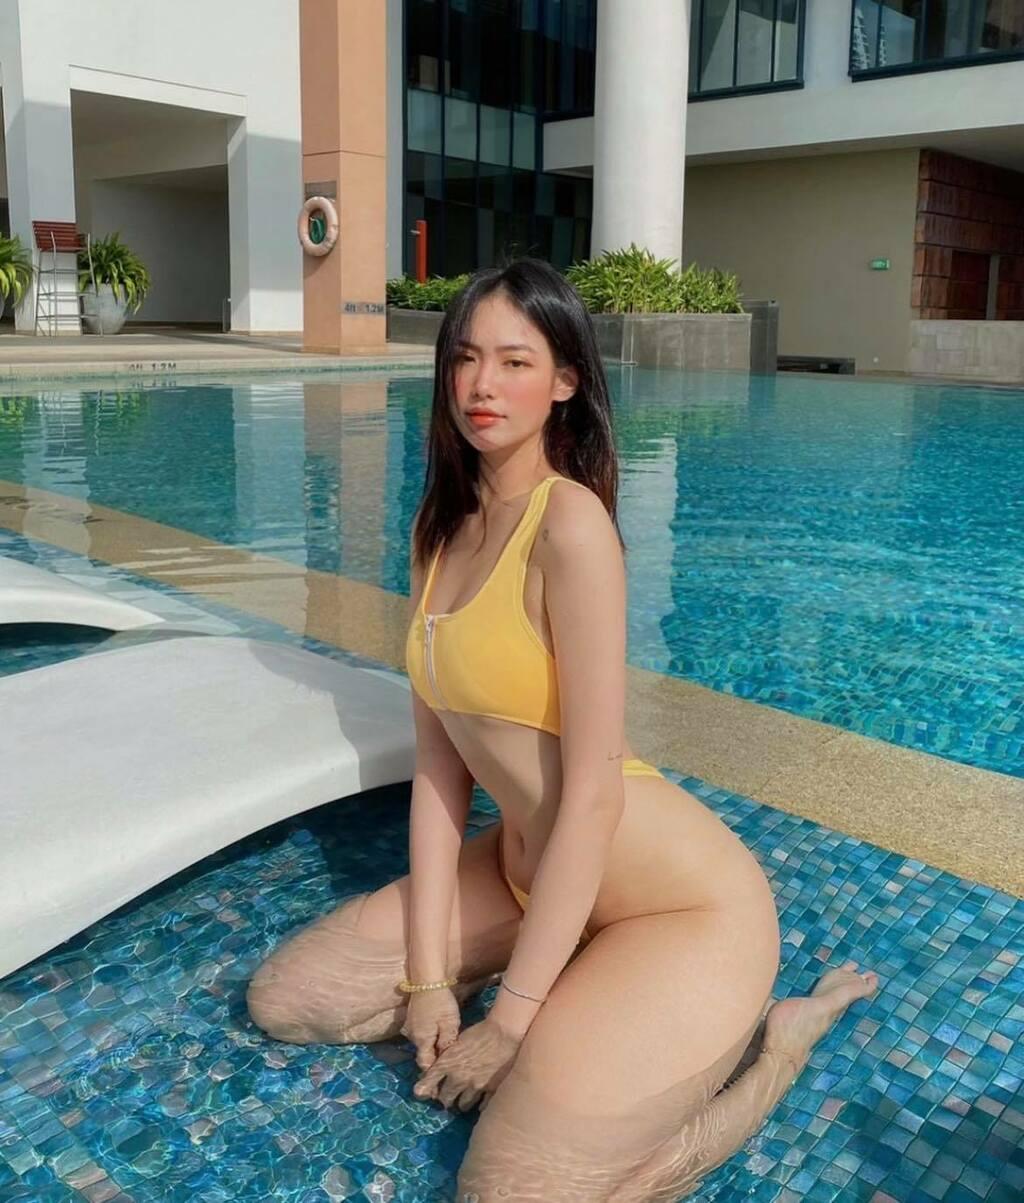 Hot girl phòng gym Nha Trang sở hữu vòng 3 tròn trịa đẹp mắt nhờ đâu?